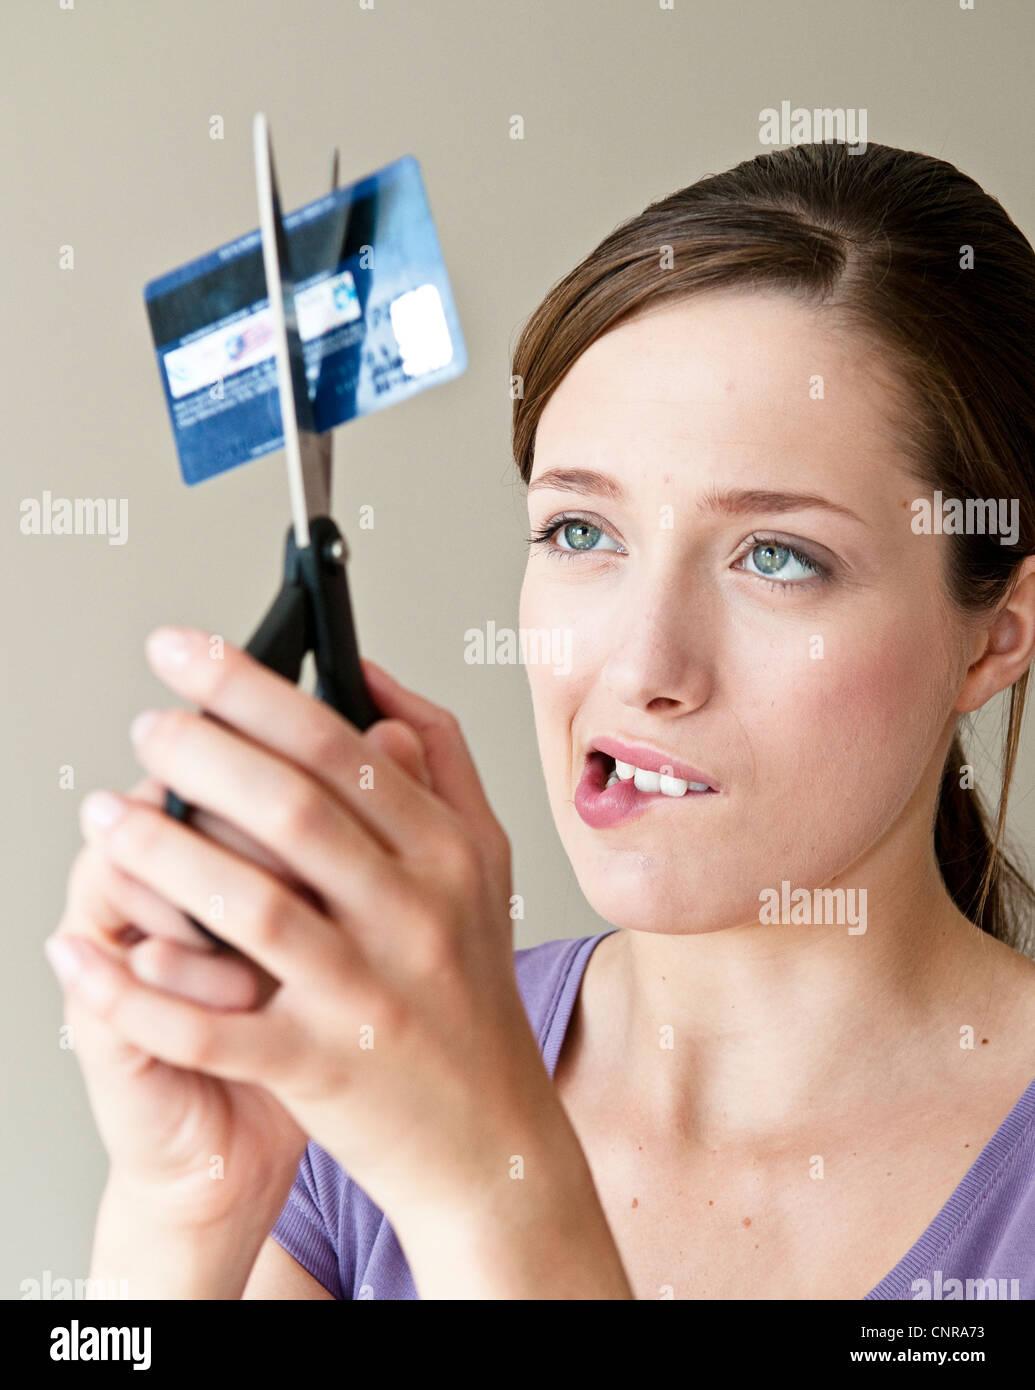 Mujer cortando tarjeta de crédito Foto de stock